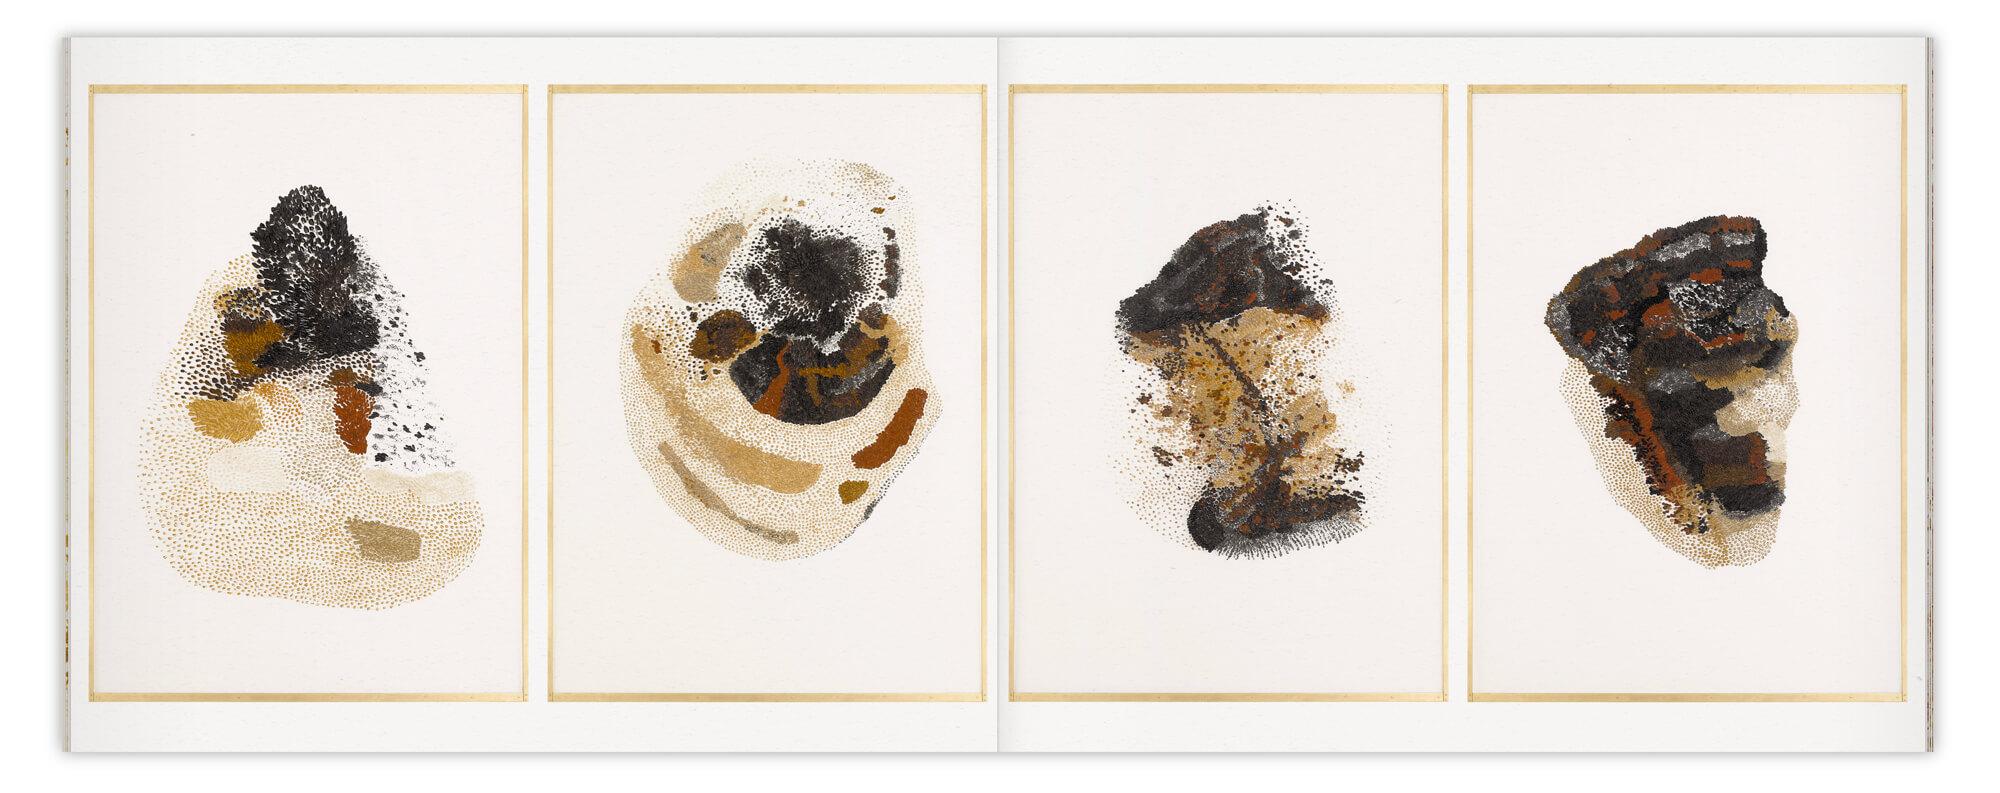 Daniela Busarello présente 4 gazes très grands formats pour son exposition que l'on retrouve dans son livre designé par IchetKar